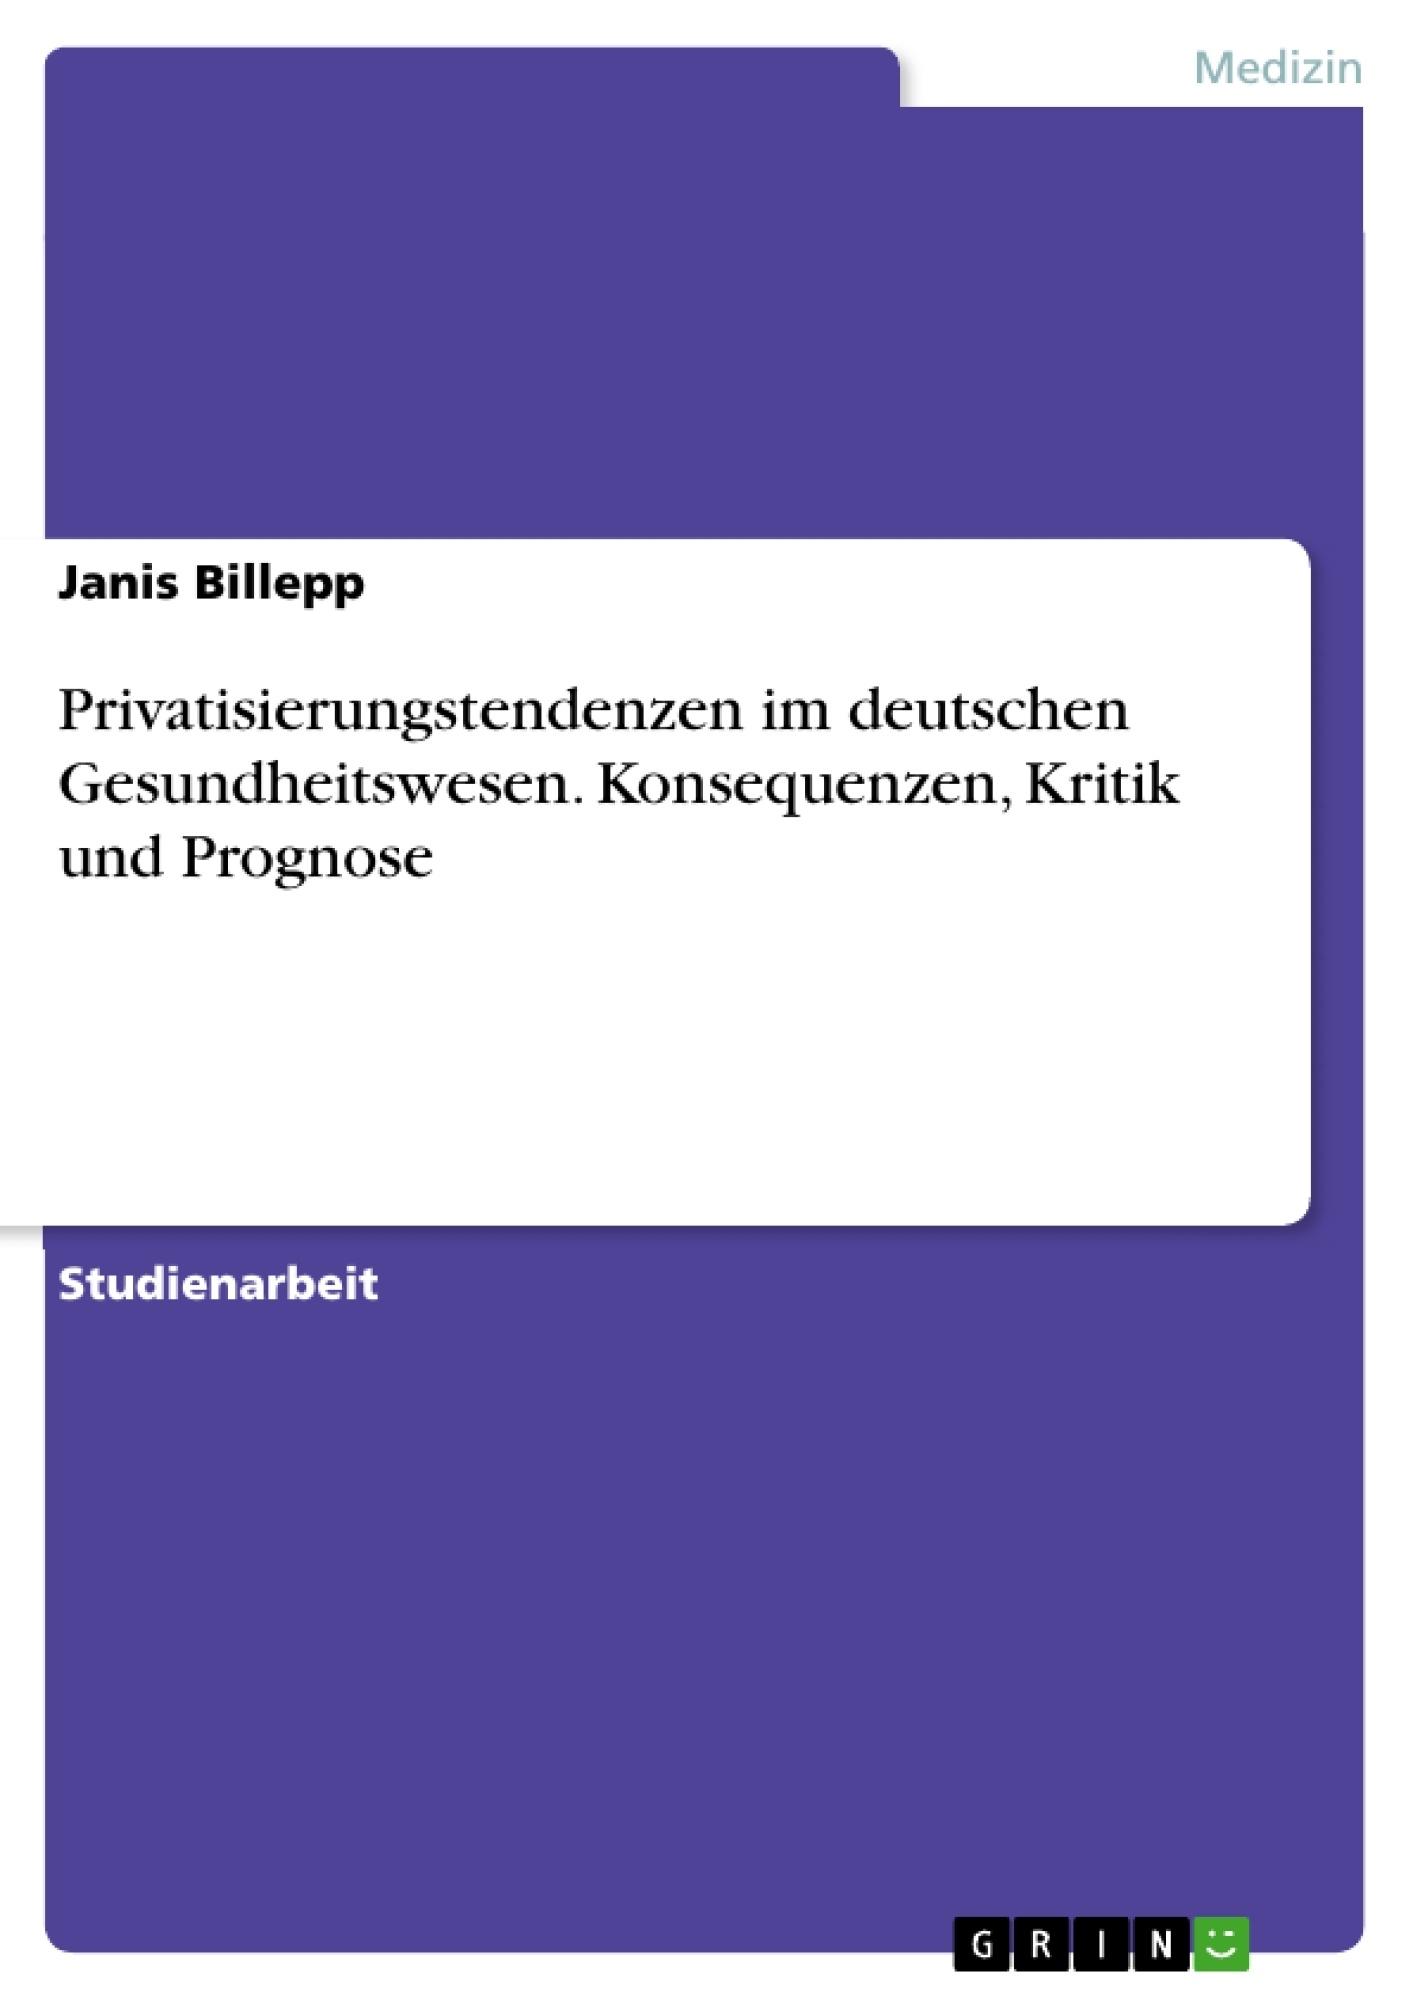 Titel: Privatisierungstendenzen im deutschen Gesundheitswesen. Konsequenzen, Kritik und Prognose